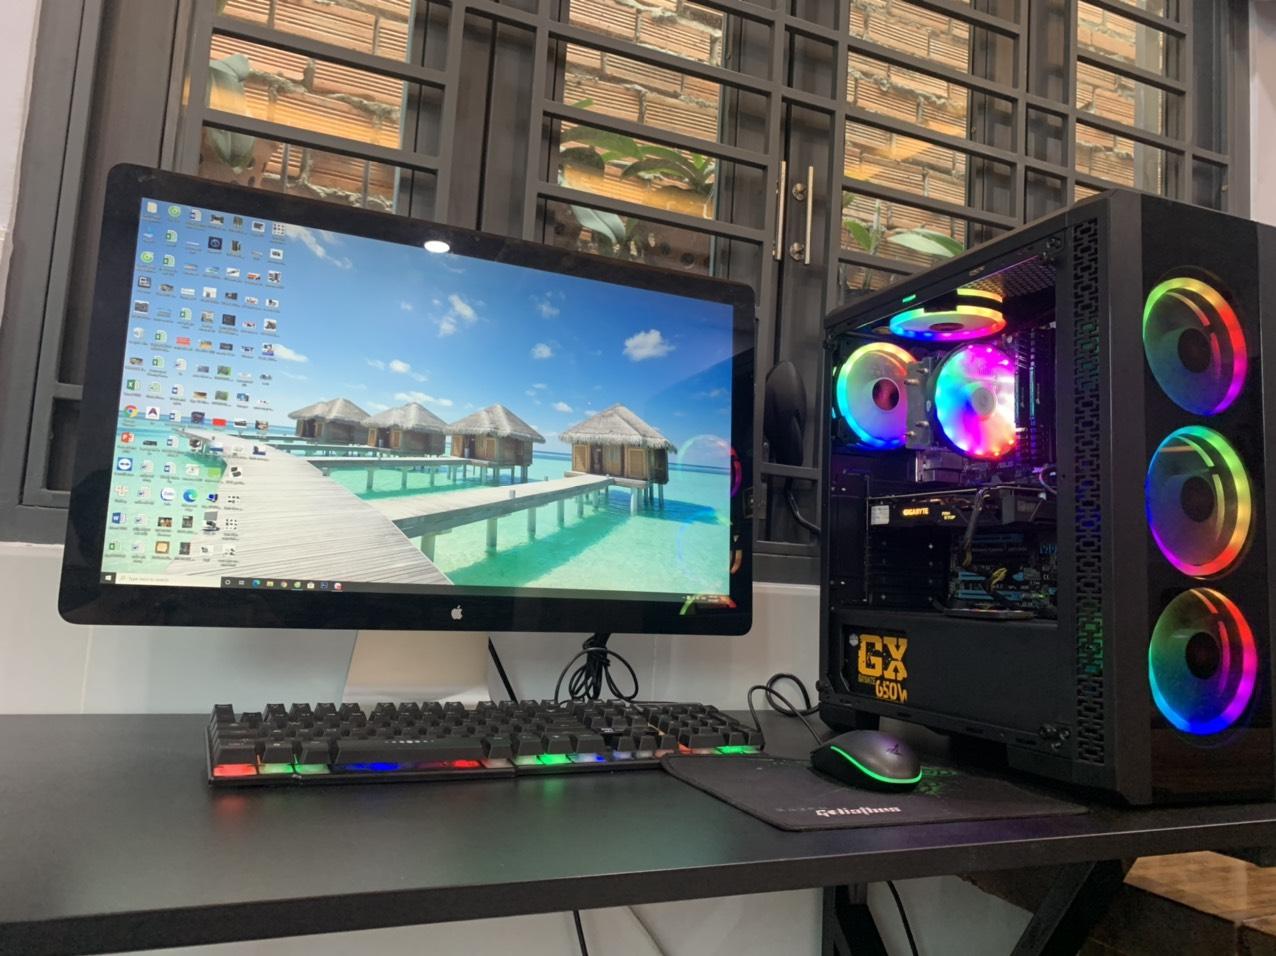 Thùng máy Game main Asus z77 khủng long i7-3770 ram 8gb ssd 120gb vga rx580 4gb chiến game chính hãng